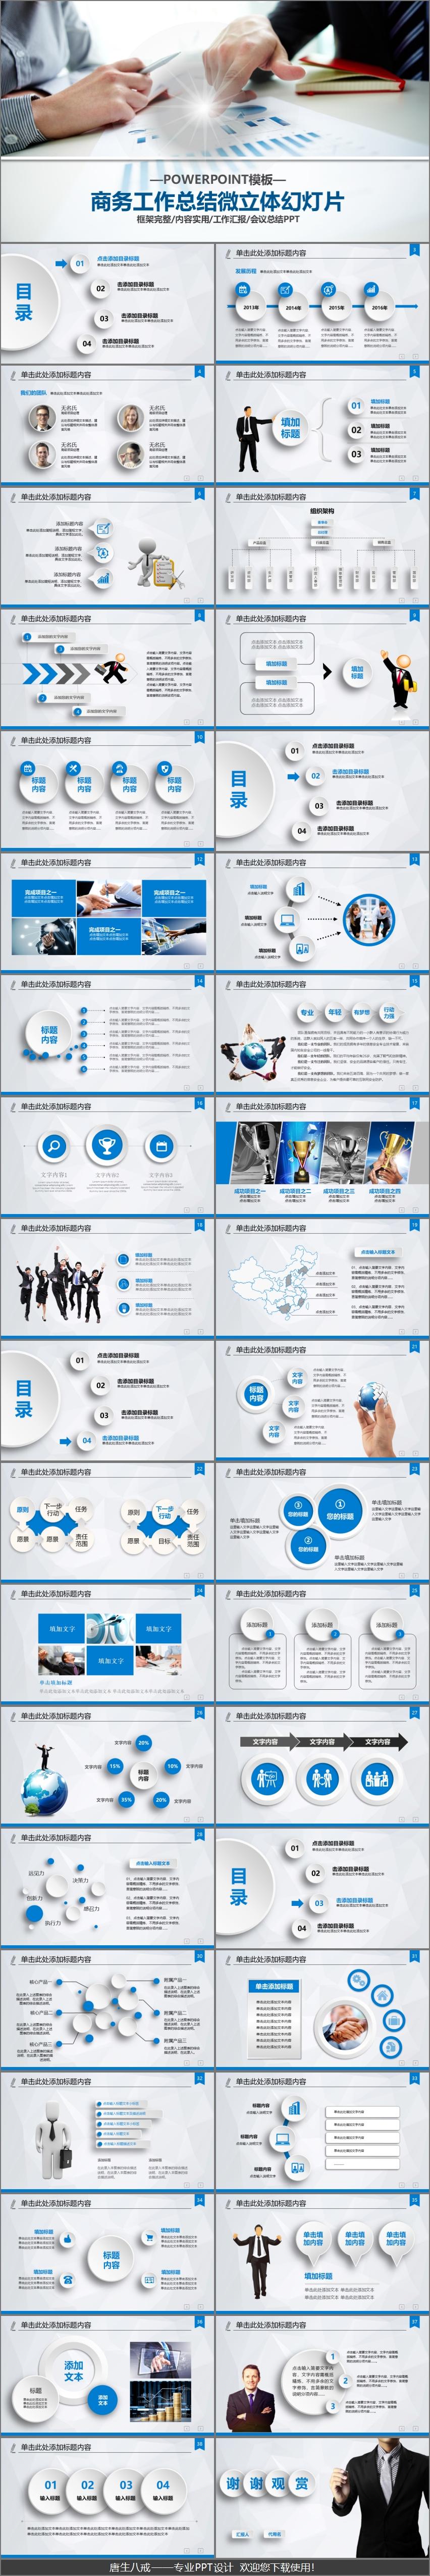 部门月工作总结_蓝色微立体商务风工作总结报告年终总结工作汇报工作总结工作计划月度